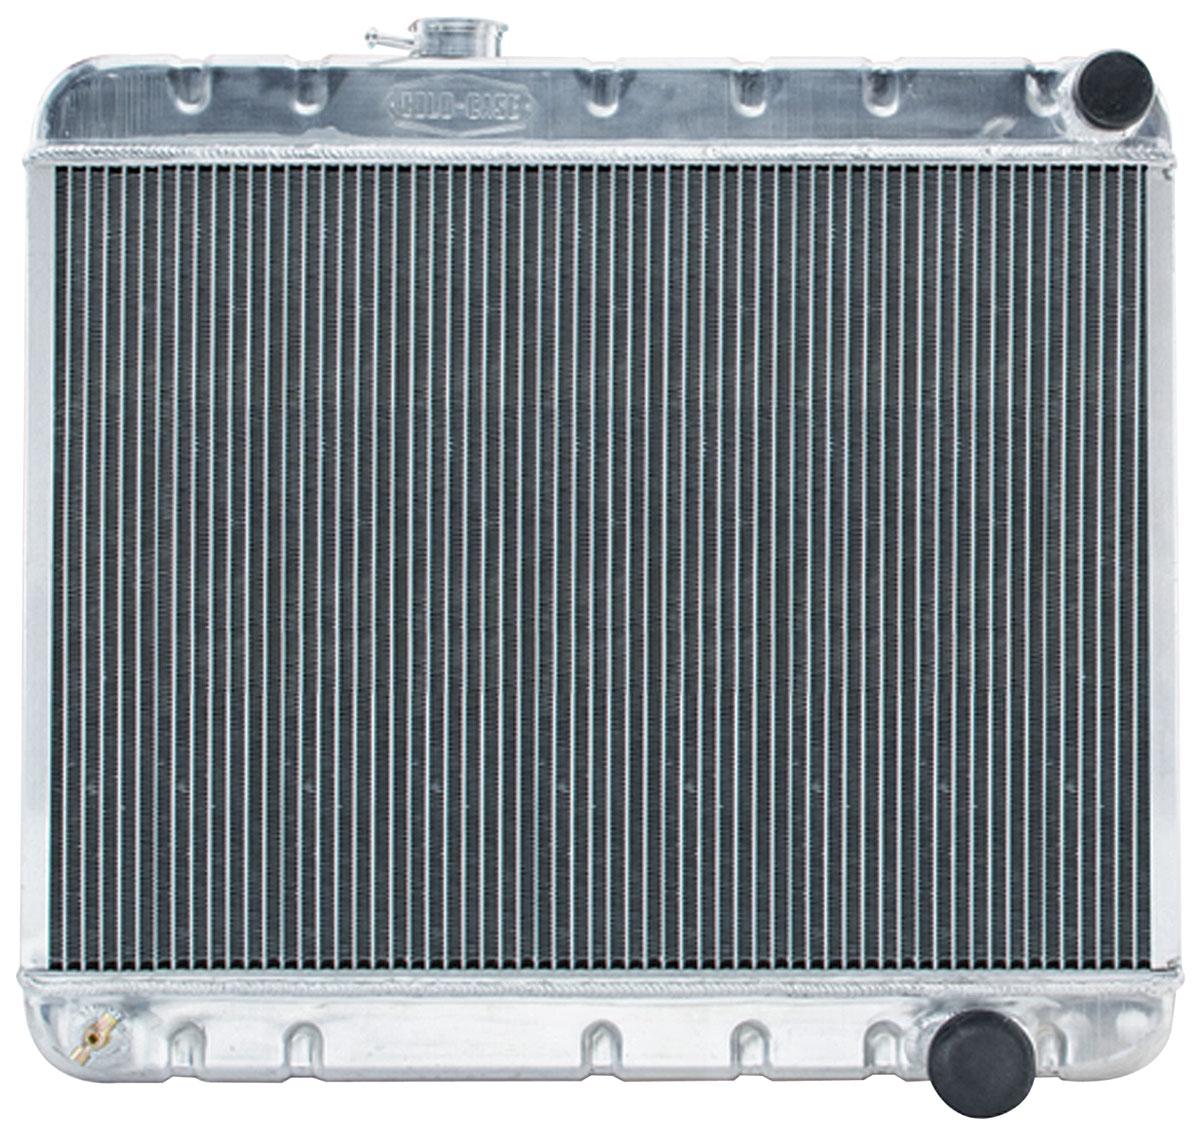 Radiator, Aluminum, Cold-Case, 1965 GTO, Non-A/C, MT